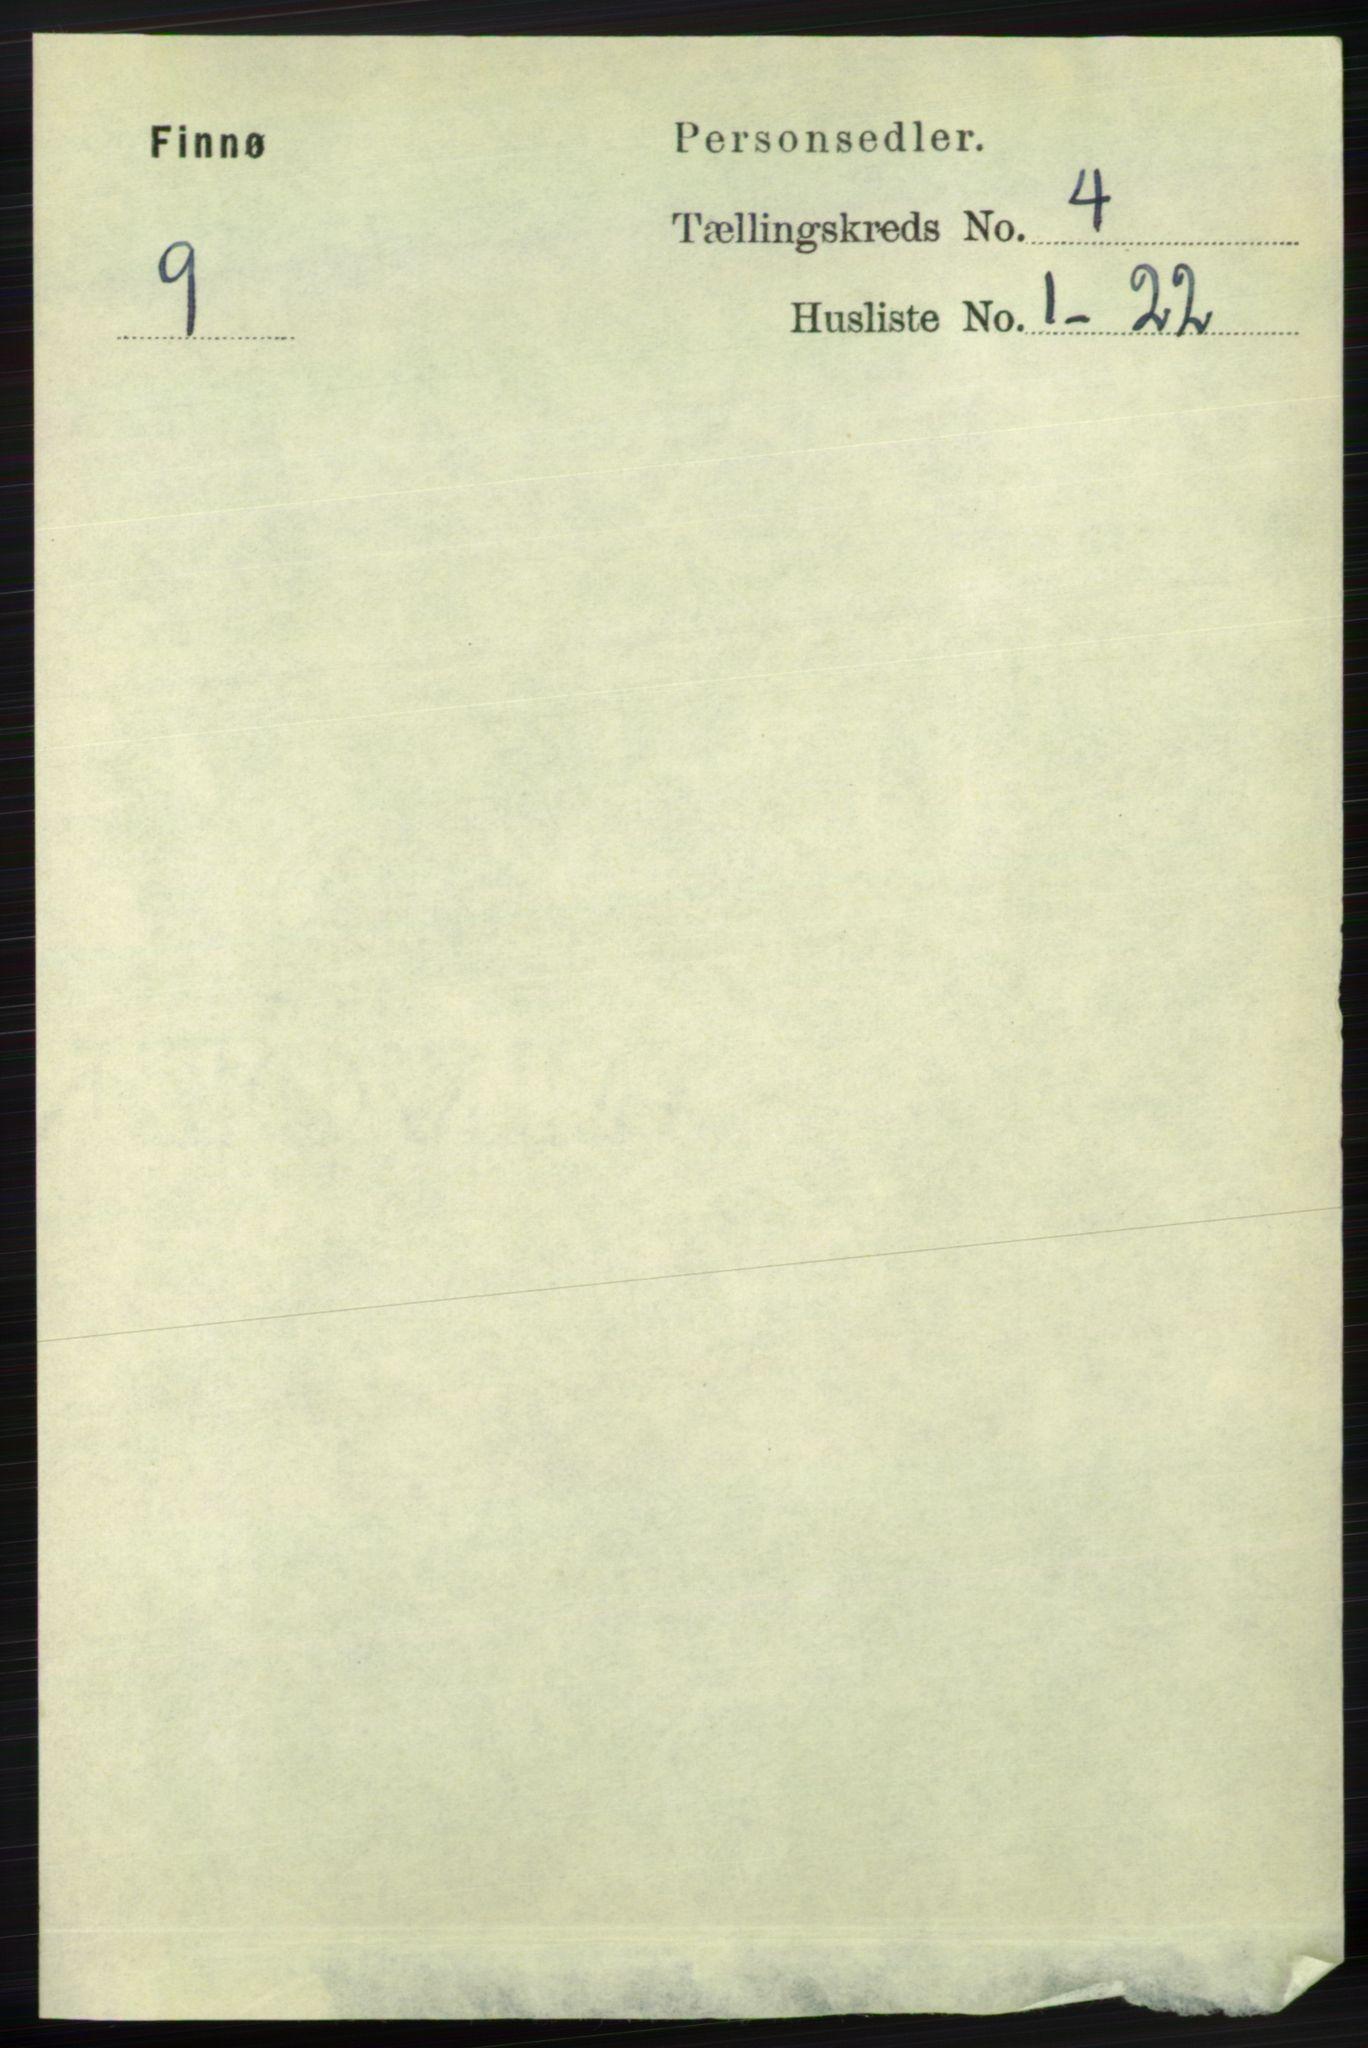 RA, Folketelling 1891 for 1141 Finnøy herred, 1891, s. 824